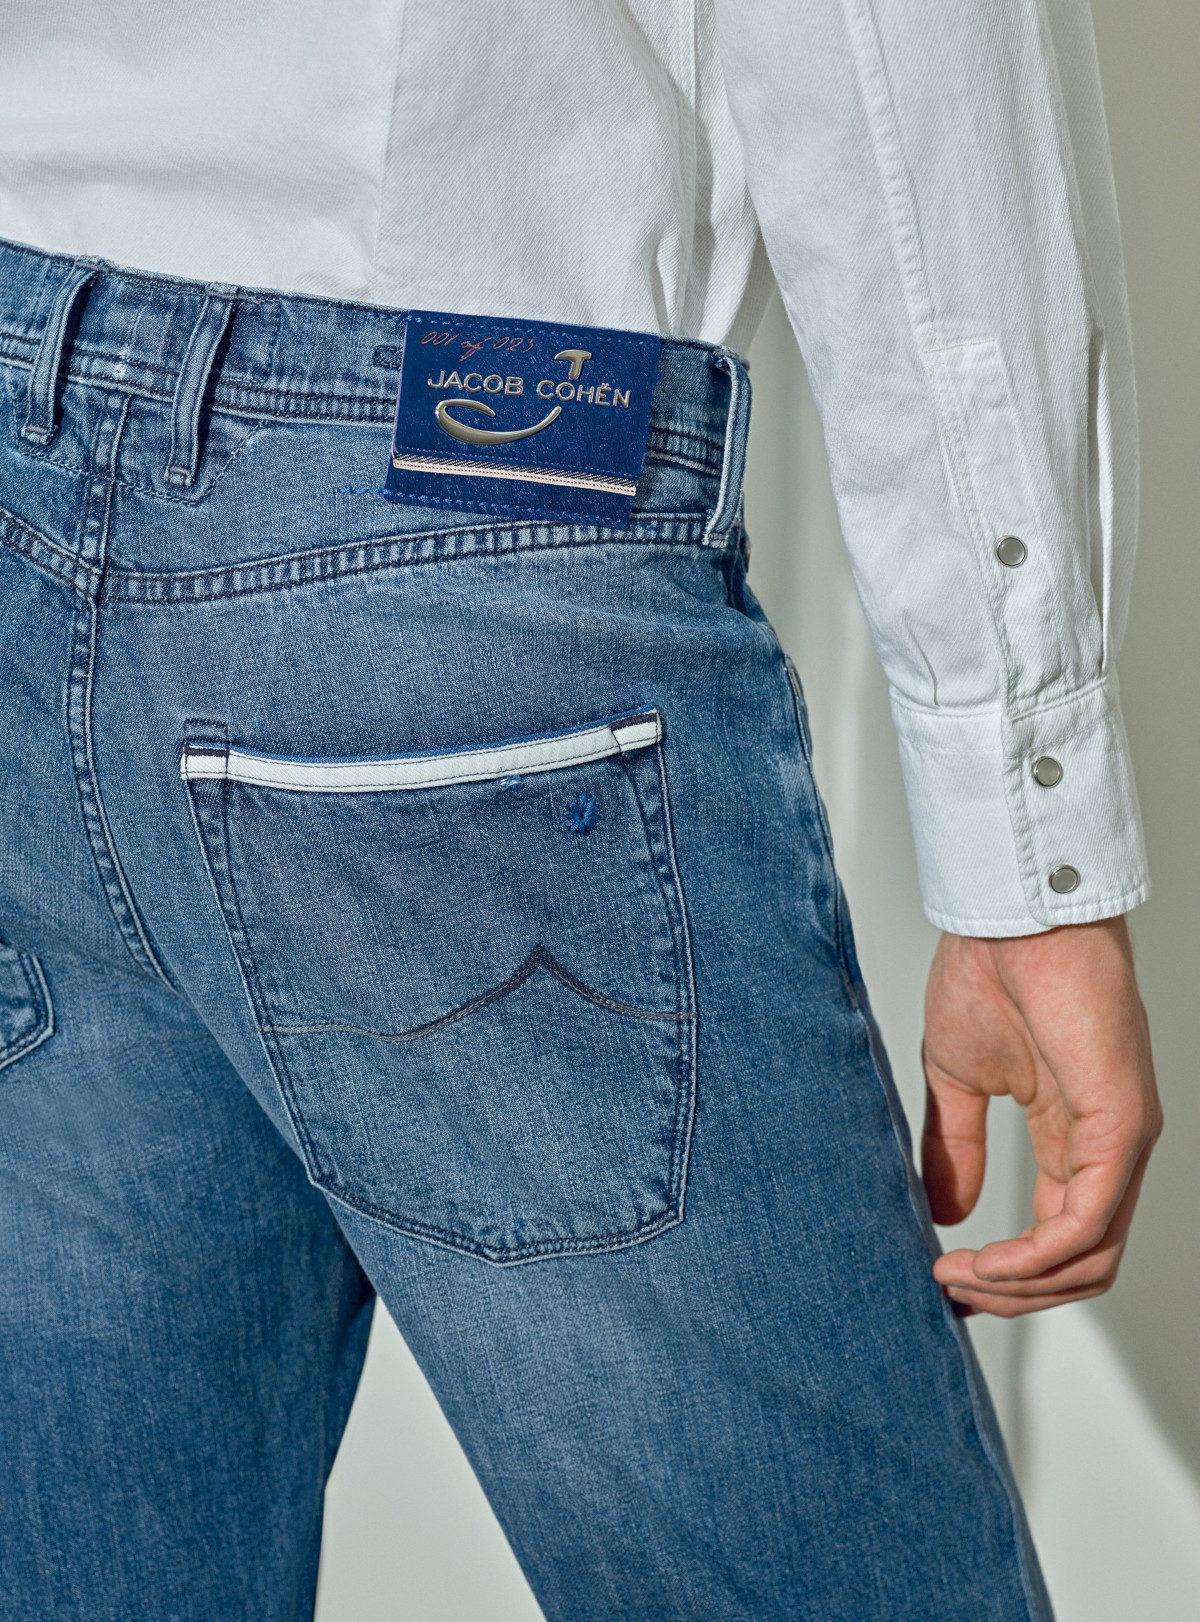 jacob cohen jeans